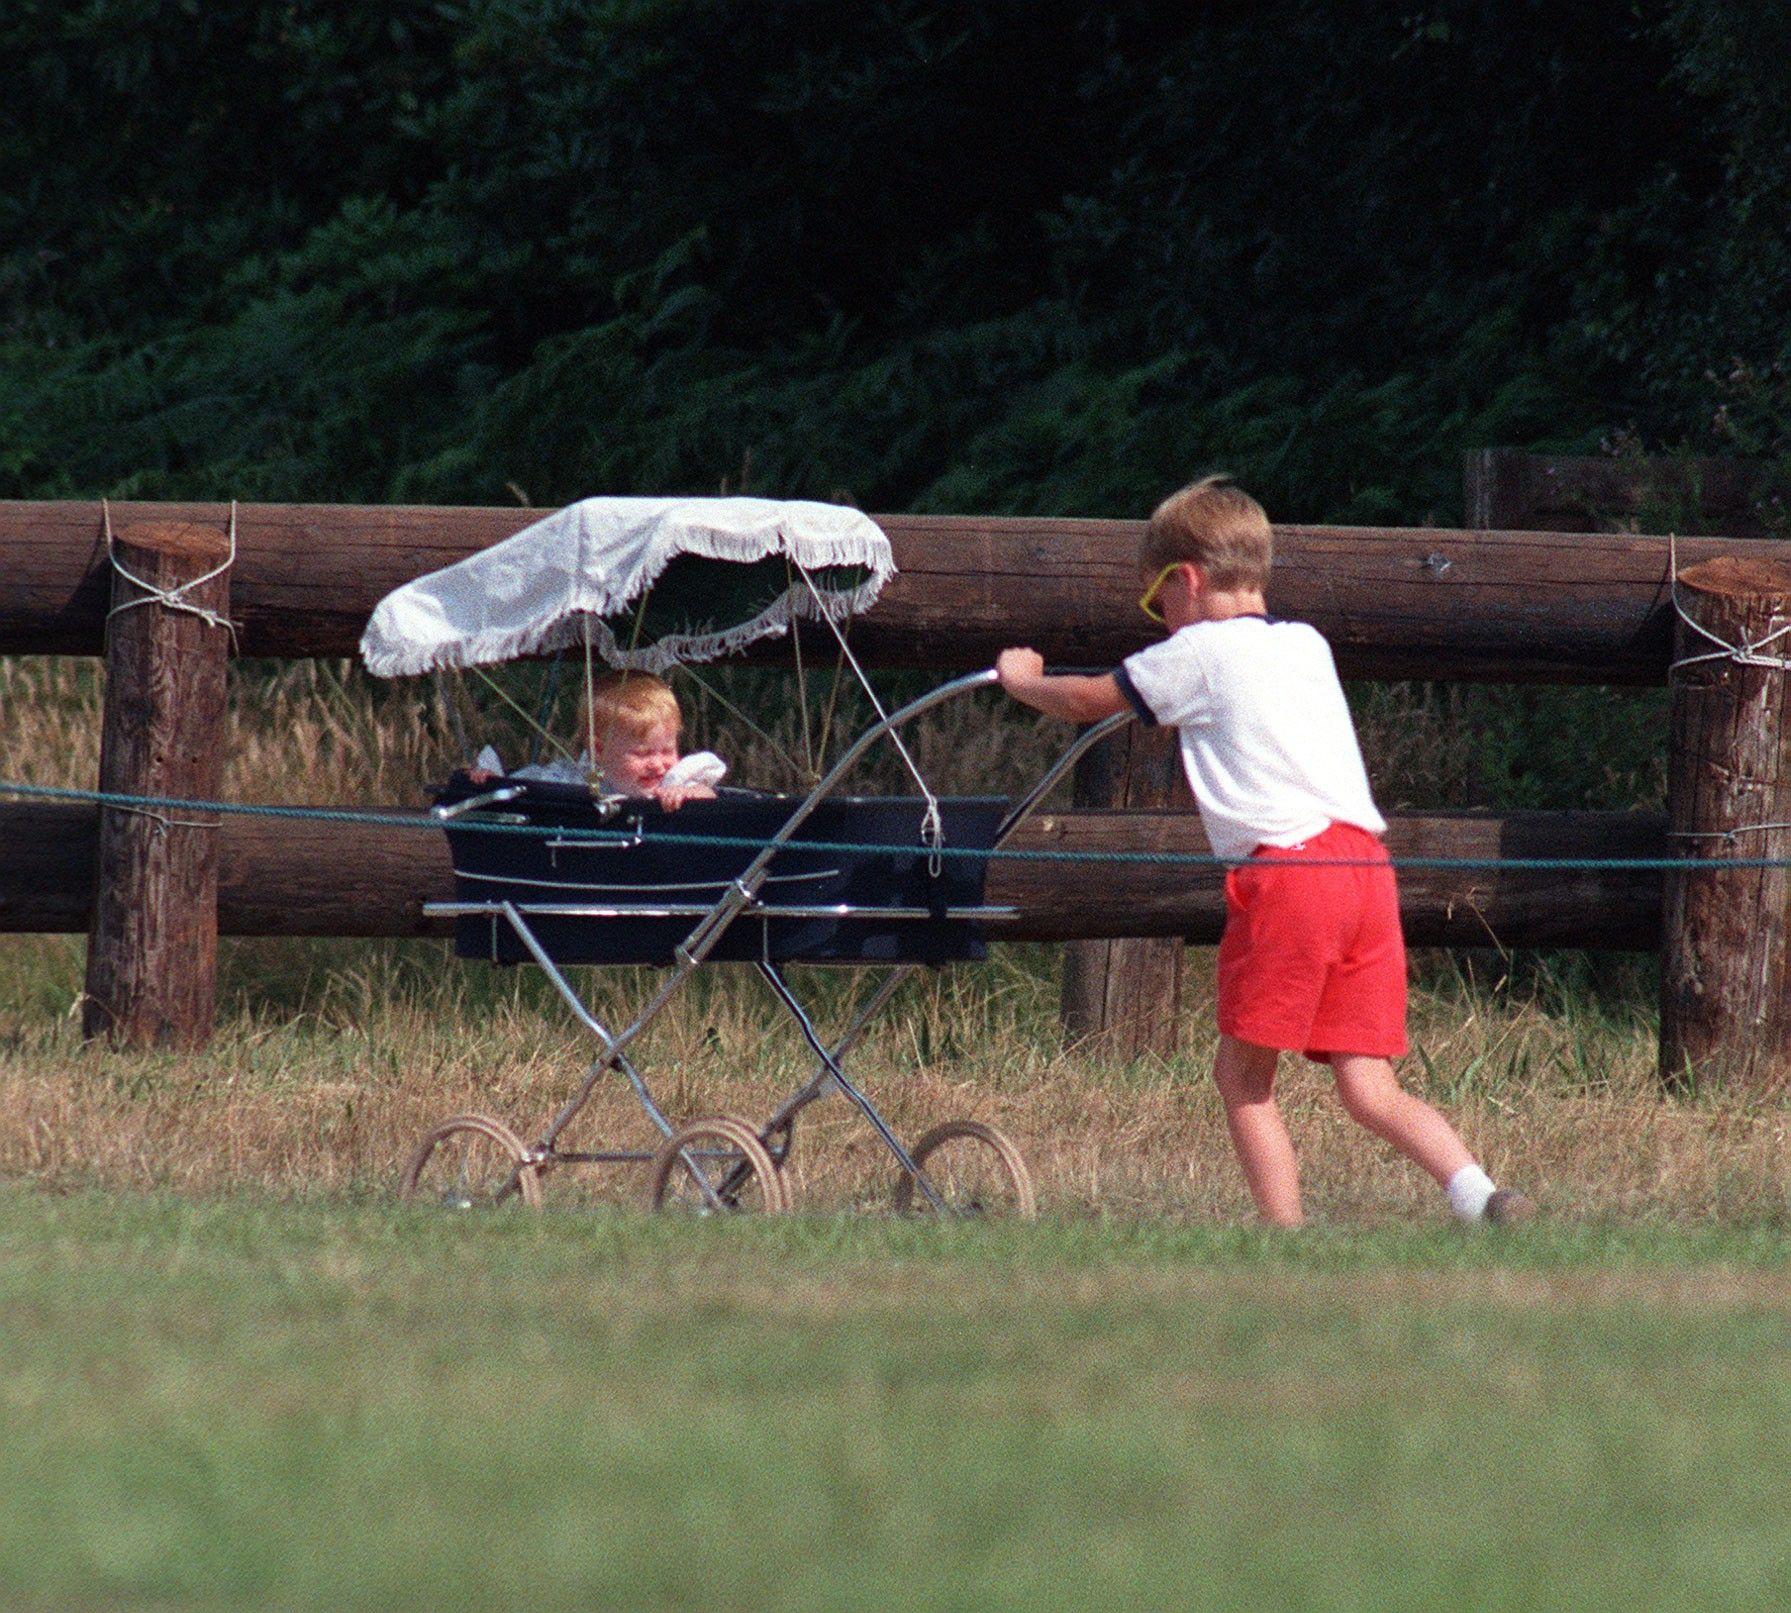 Prince William pushing pram